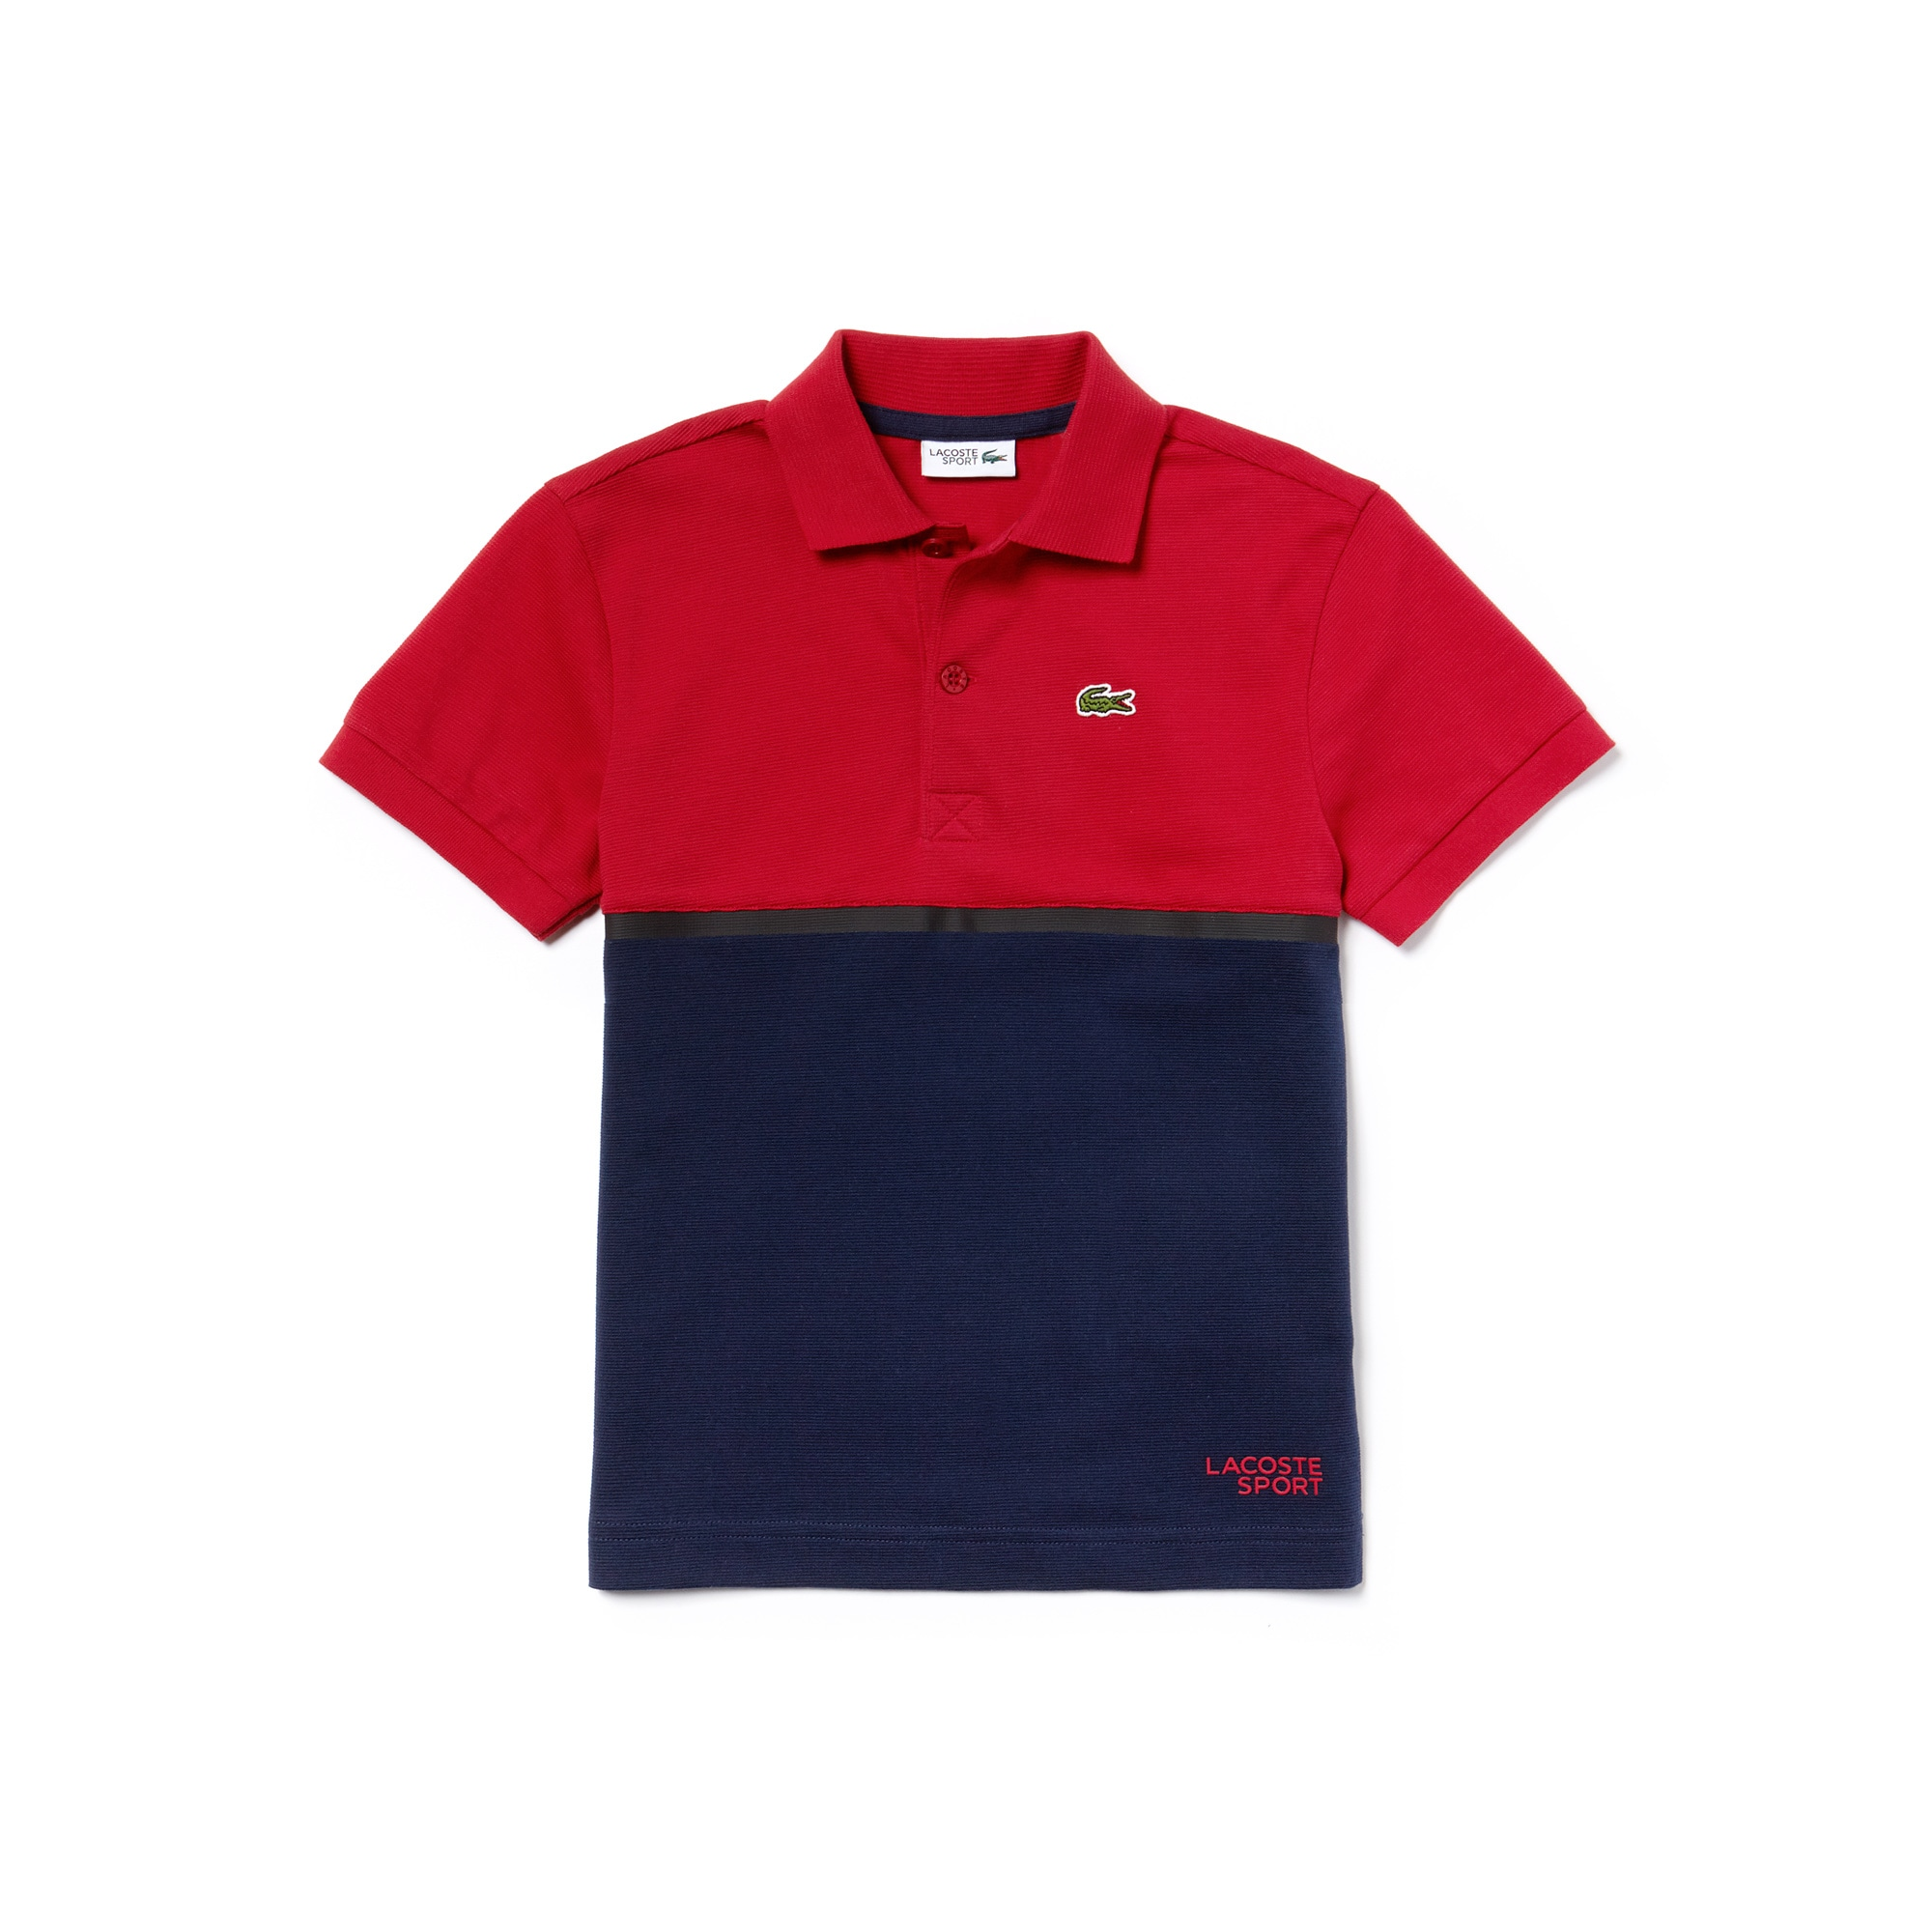 قميص بولو Lacoste SPORT الرياضية للصبيان من القطن الخفيف وتصميم لكرة التنس وبعدة ألوان وياقة بولو